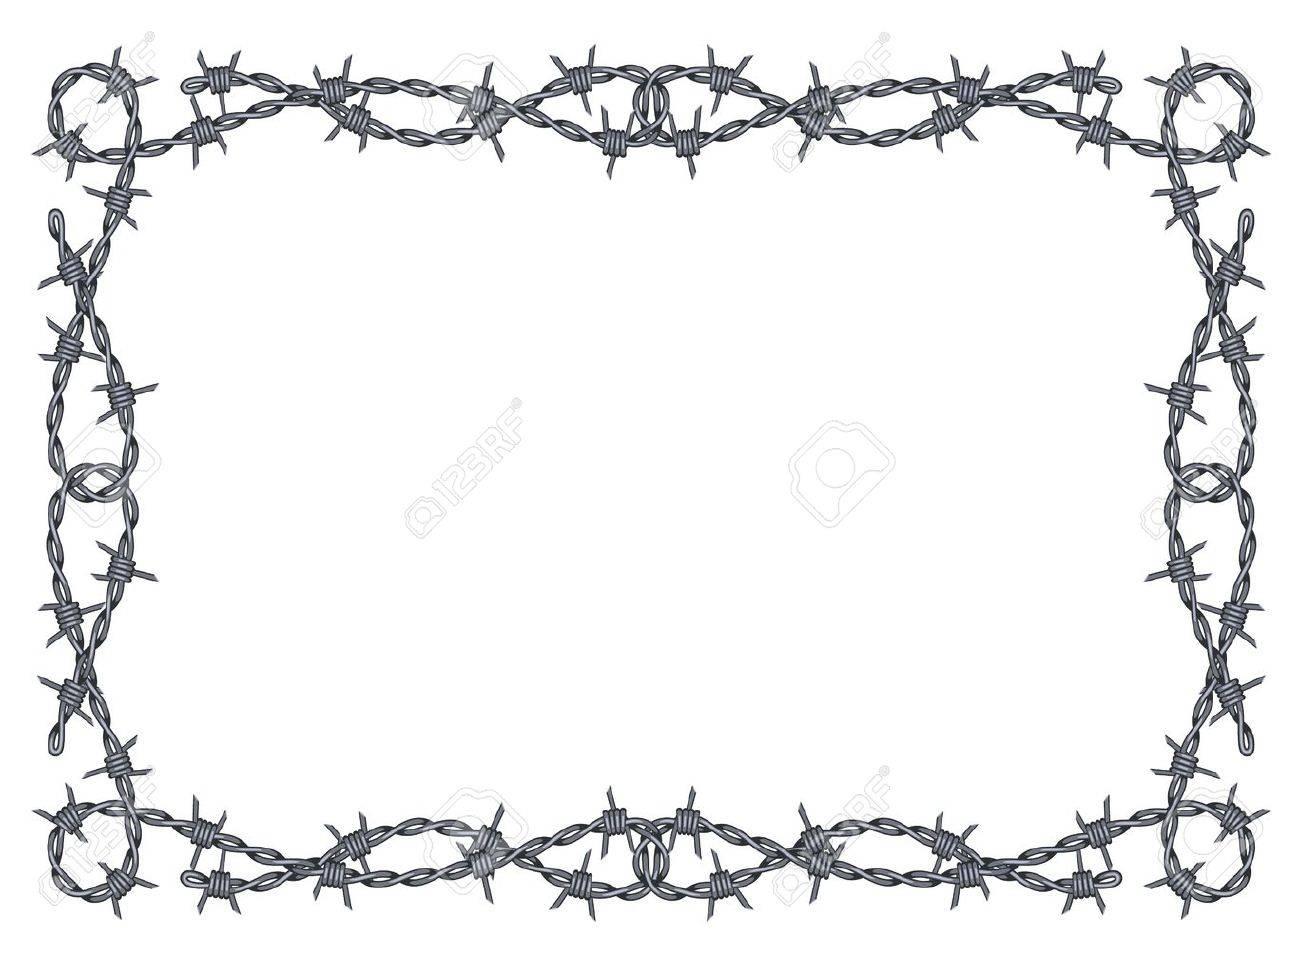 Berühmt Razor Wire Border Galerie - Der Schaltplan - triangre.info